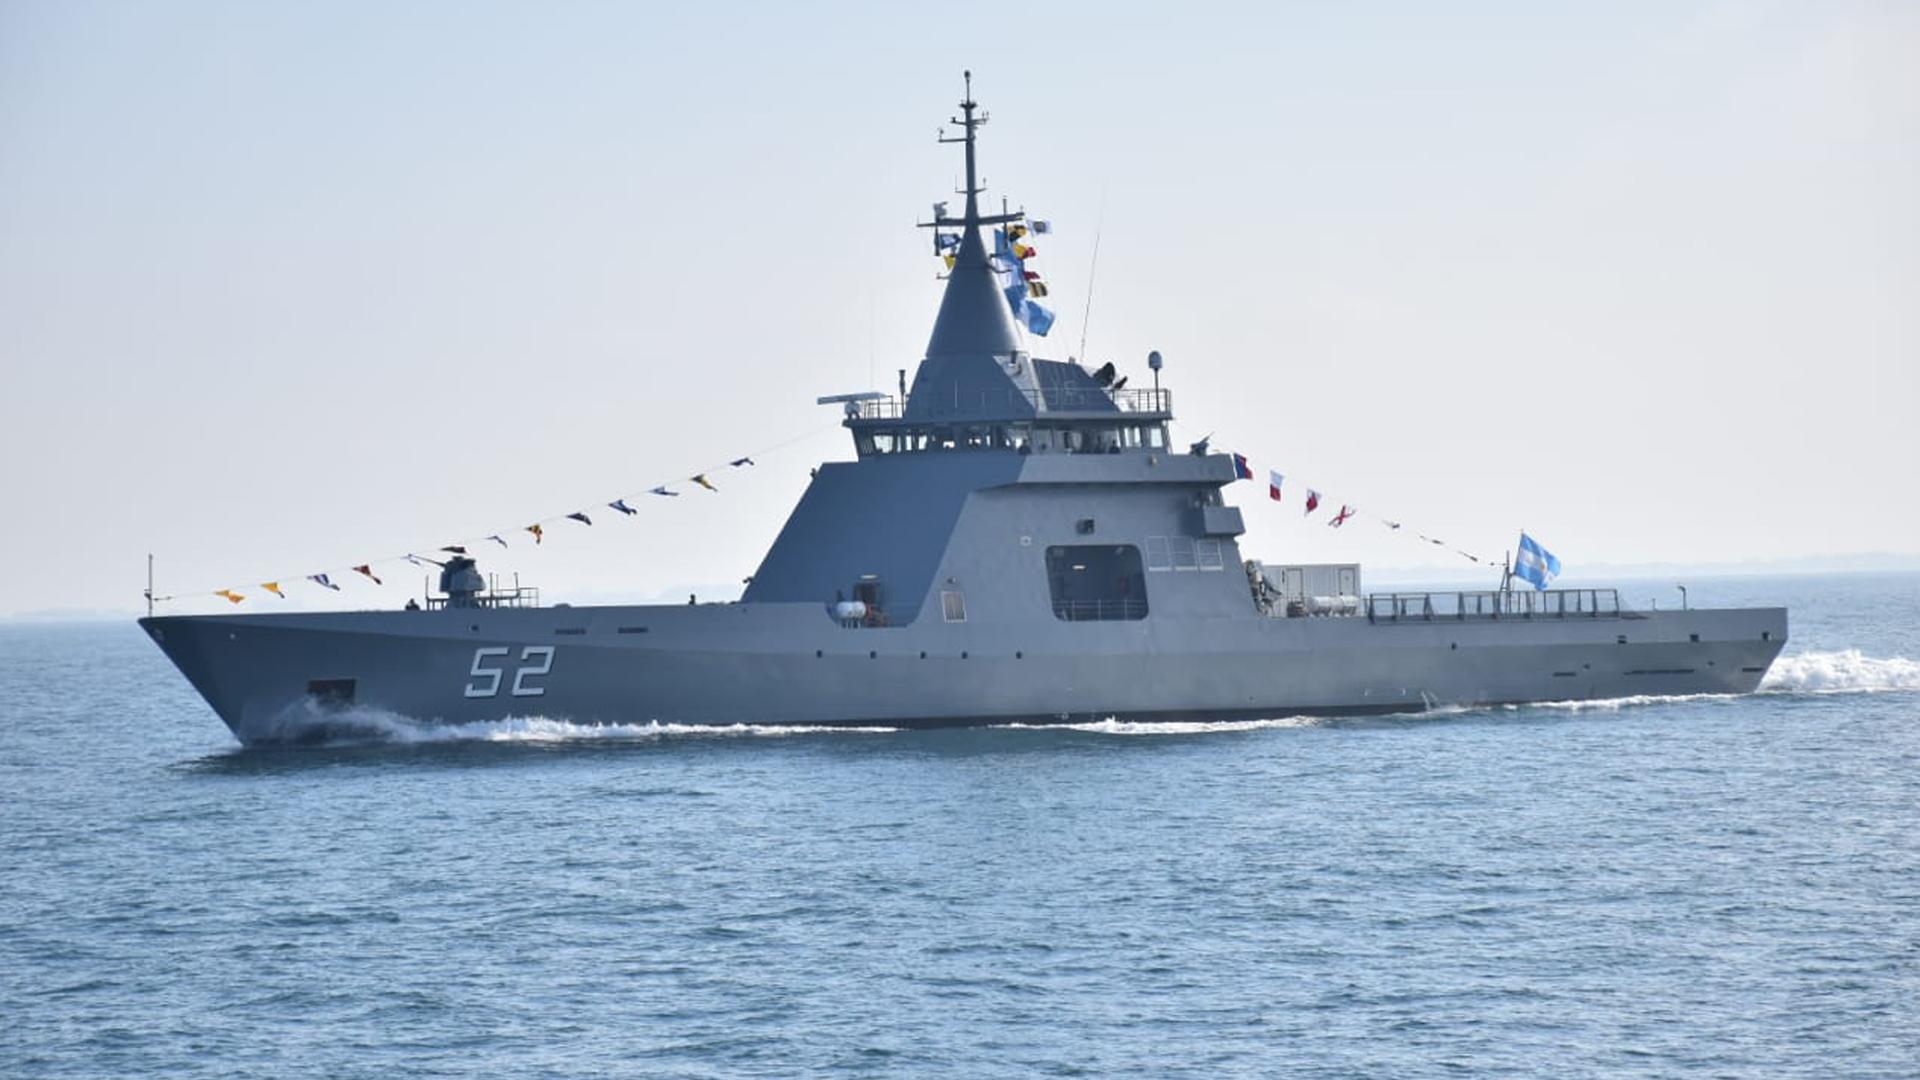 El patrullero oceánico ARA Piedrabuena es el segundo de la serie de cuatro patrulleros oceánicos multipropósito que se sumarán a la Armada. Foto: Gentileza Armada Argentina.